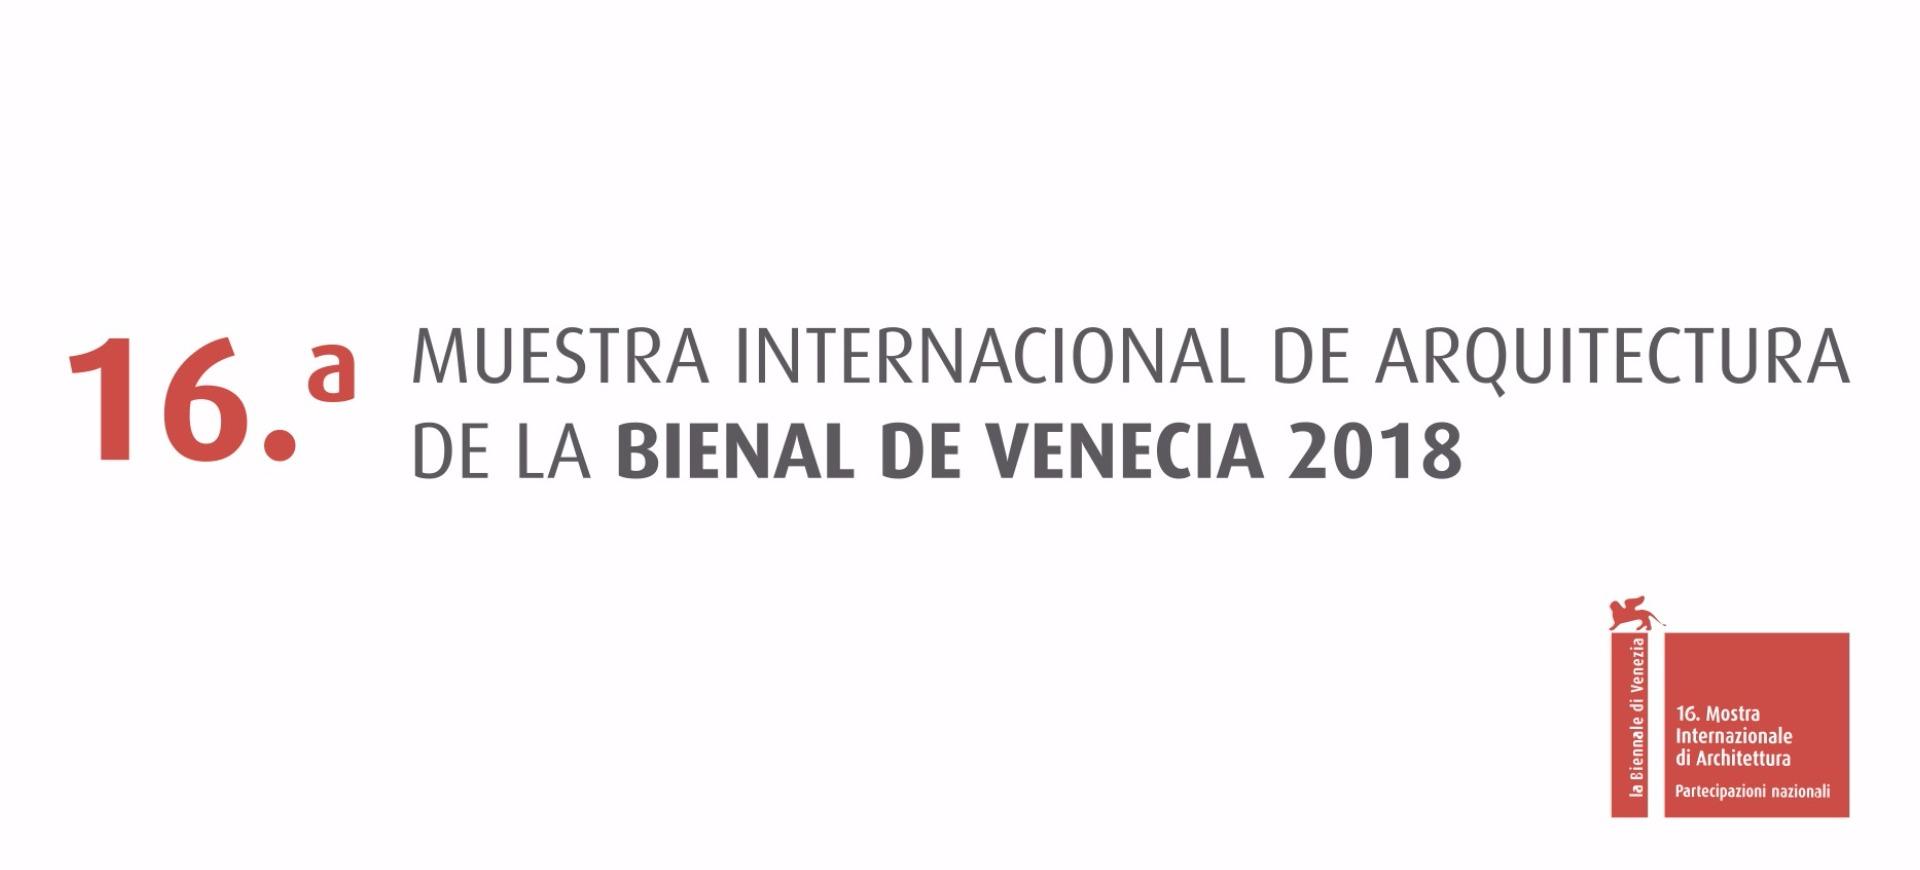 16.a Muestra Internacional de Arquitectura de la Bienal de Venecia 2018